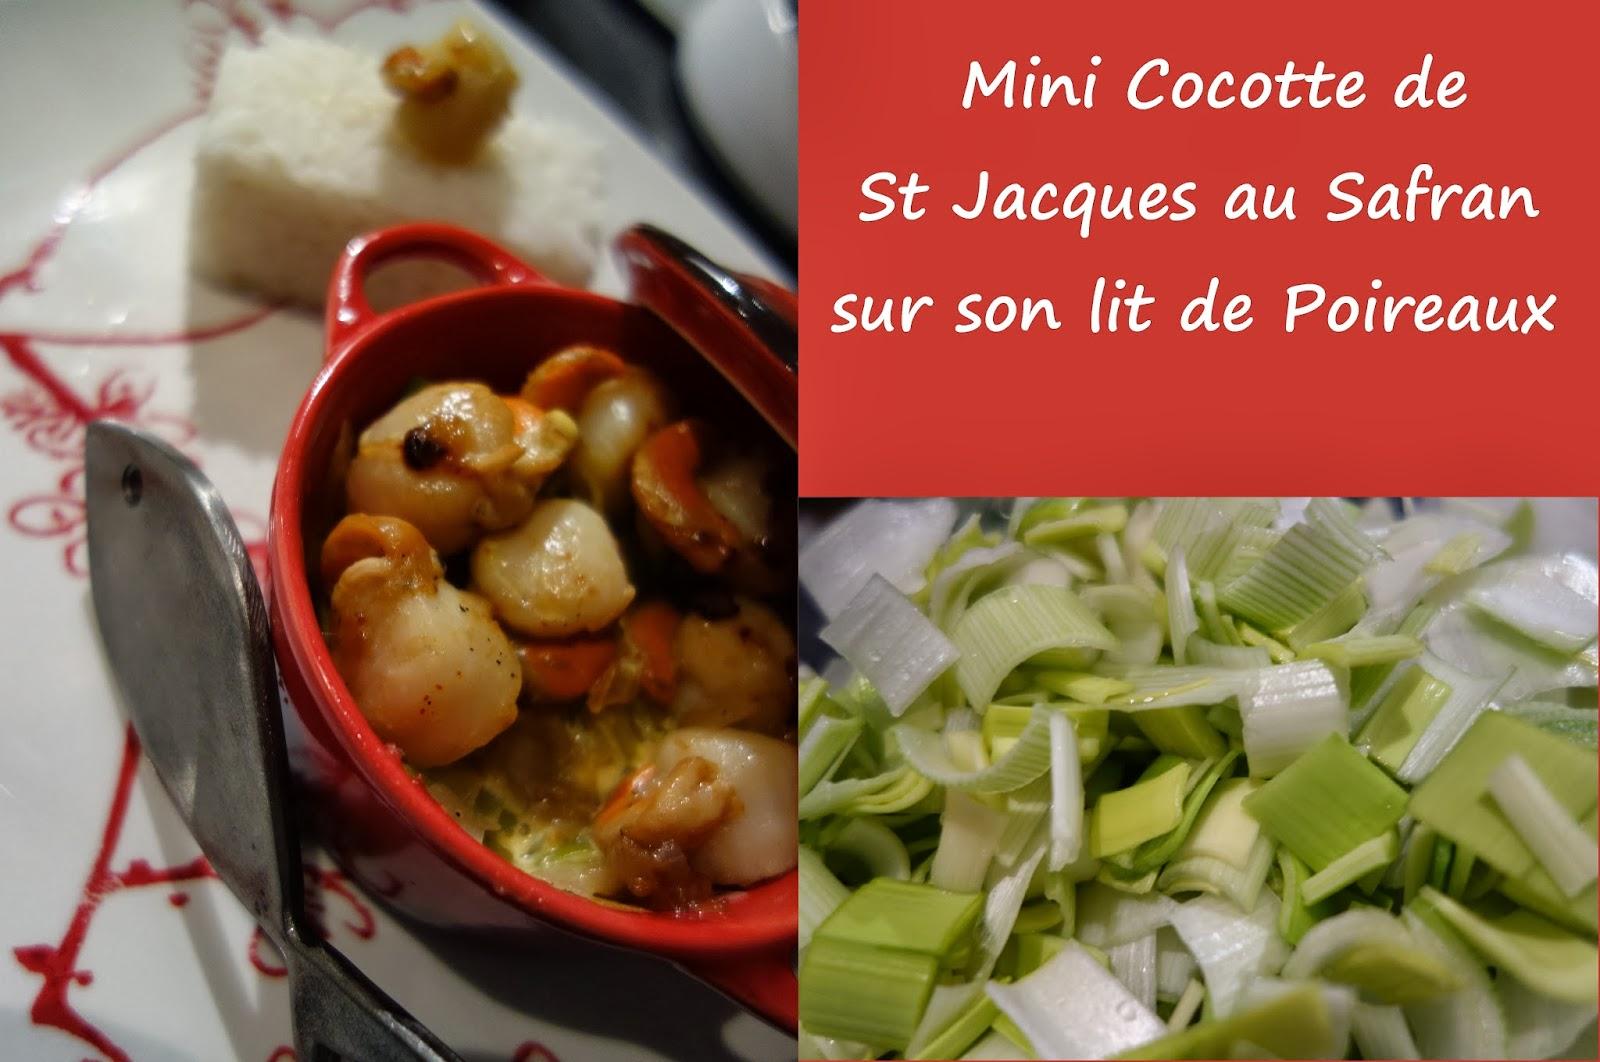 La cuisine de k mini cocotte de st jacques au safran sur - Noix de st jacques sur lit de poireaux ...